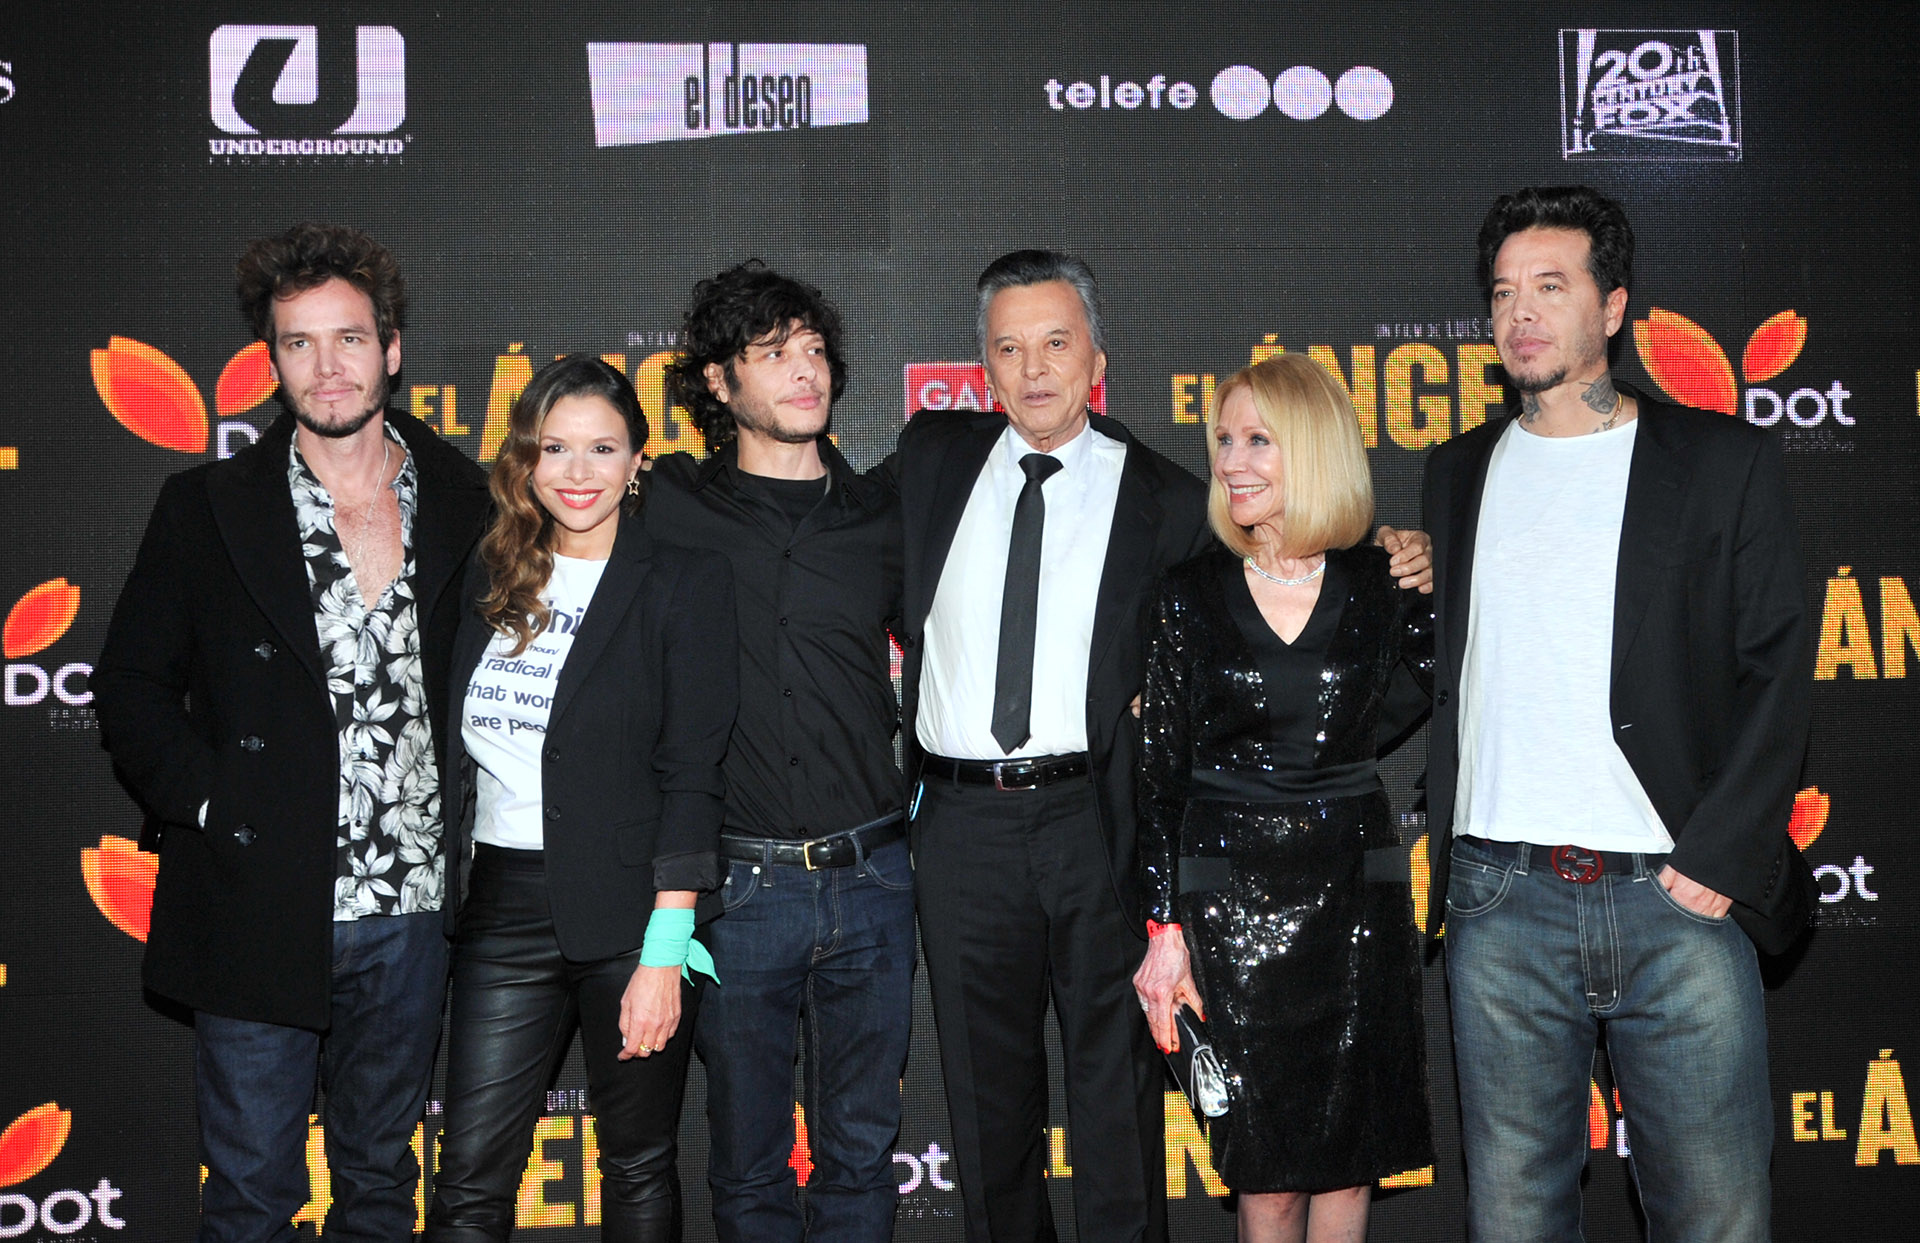 El clan Ortega presente: Emanuel, Julieta, Luis, Palito, Evangelina y Sebastián